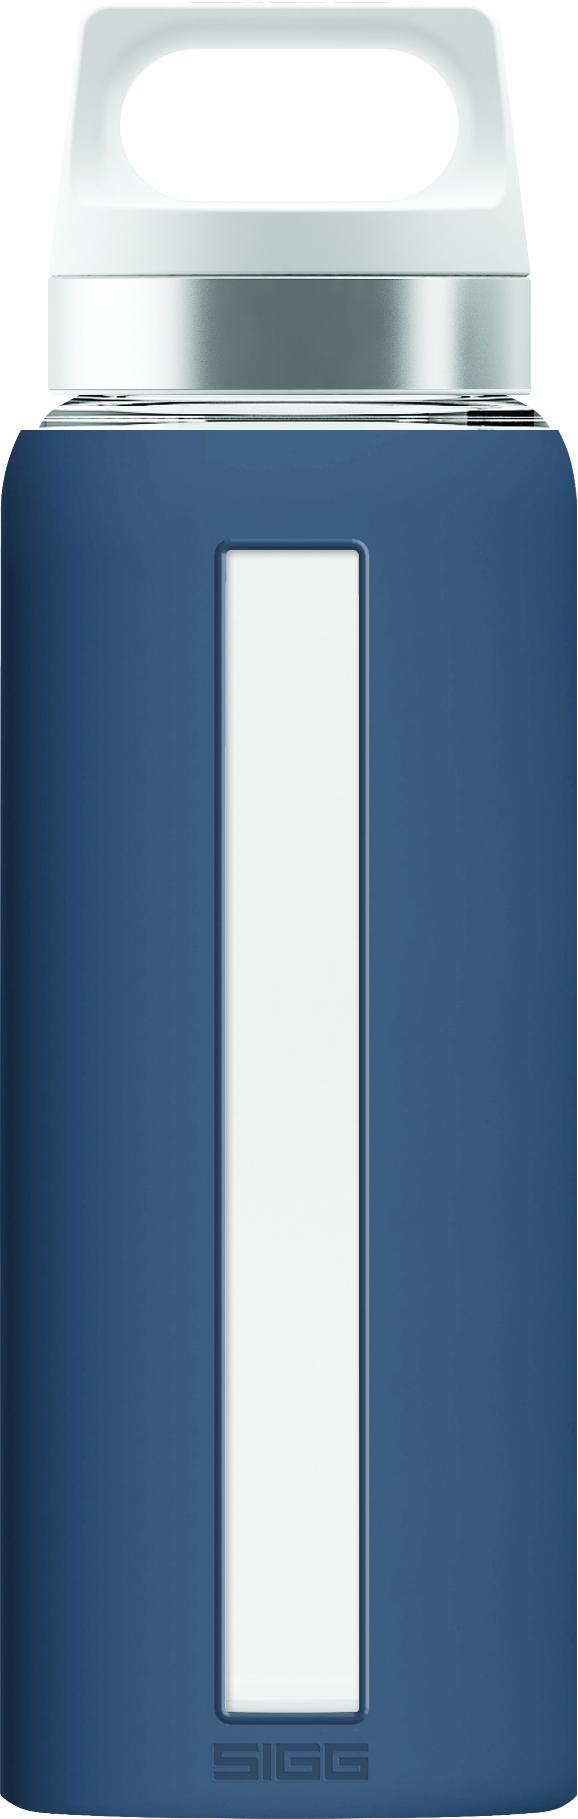 株式会社スター商事のプレスリリース画像8